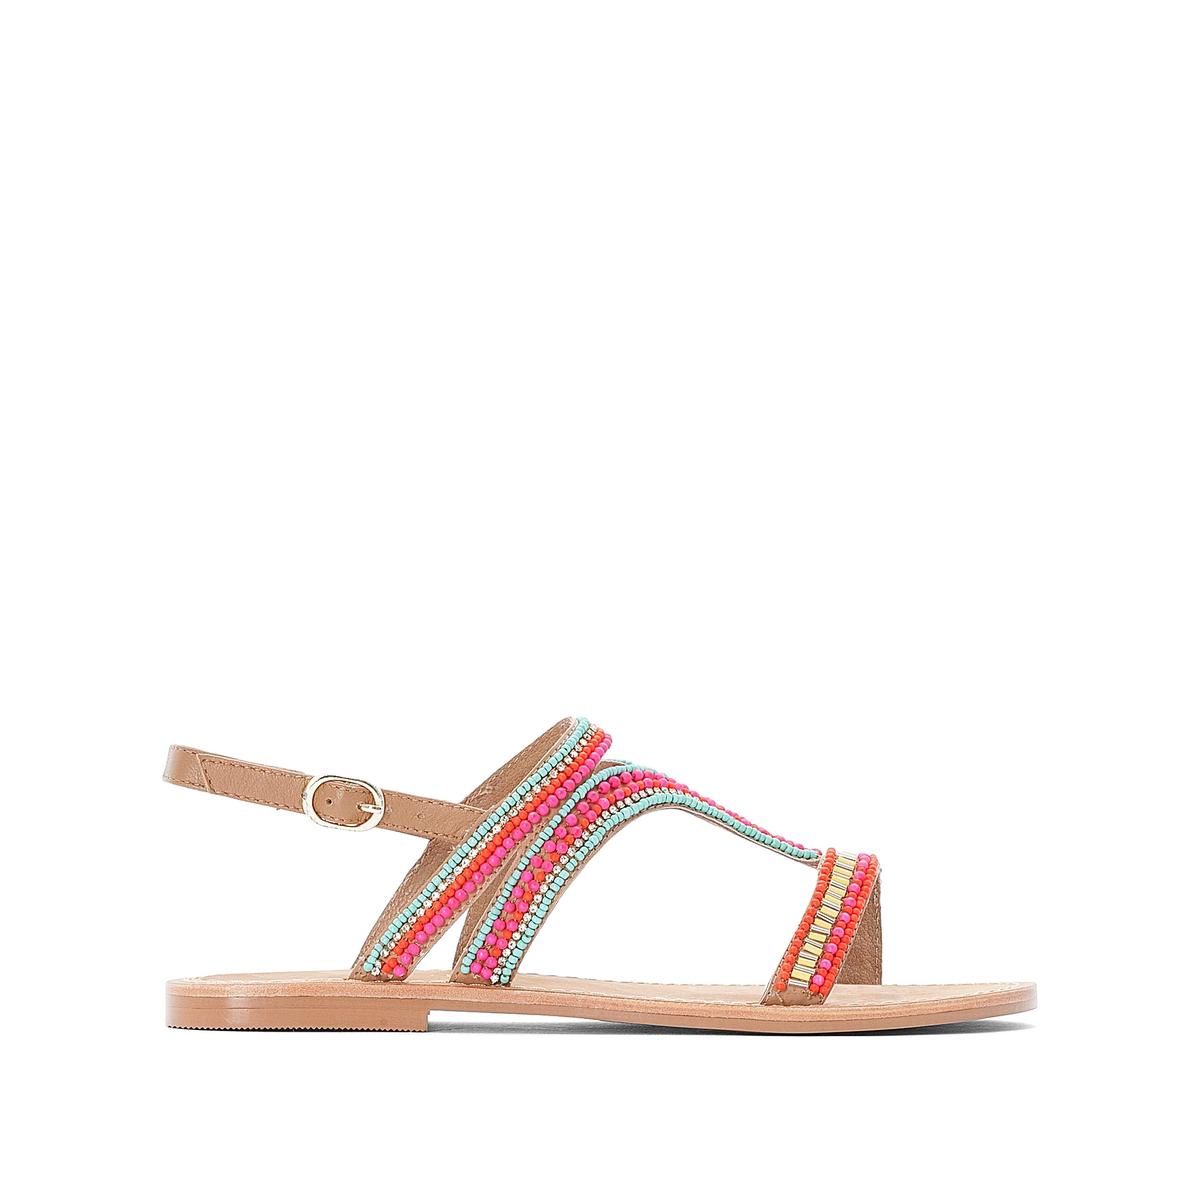 Sandálias rasas com pérolas fantasia coloridas